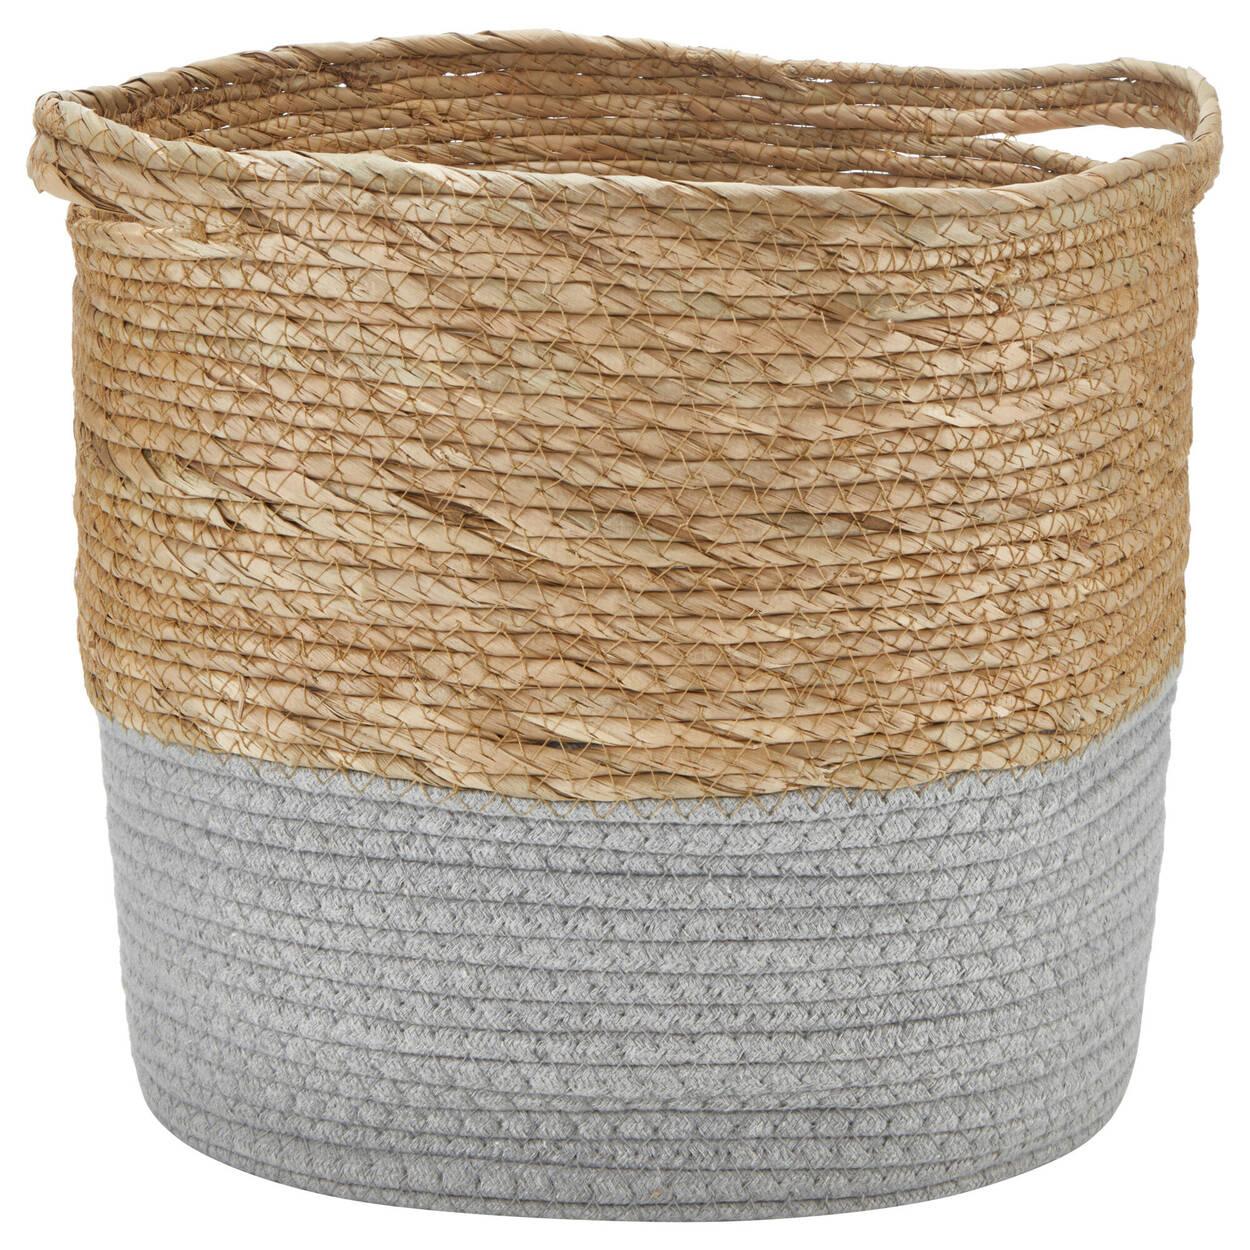 Panier de rangement en fibre naturelle et cotton